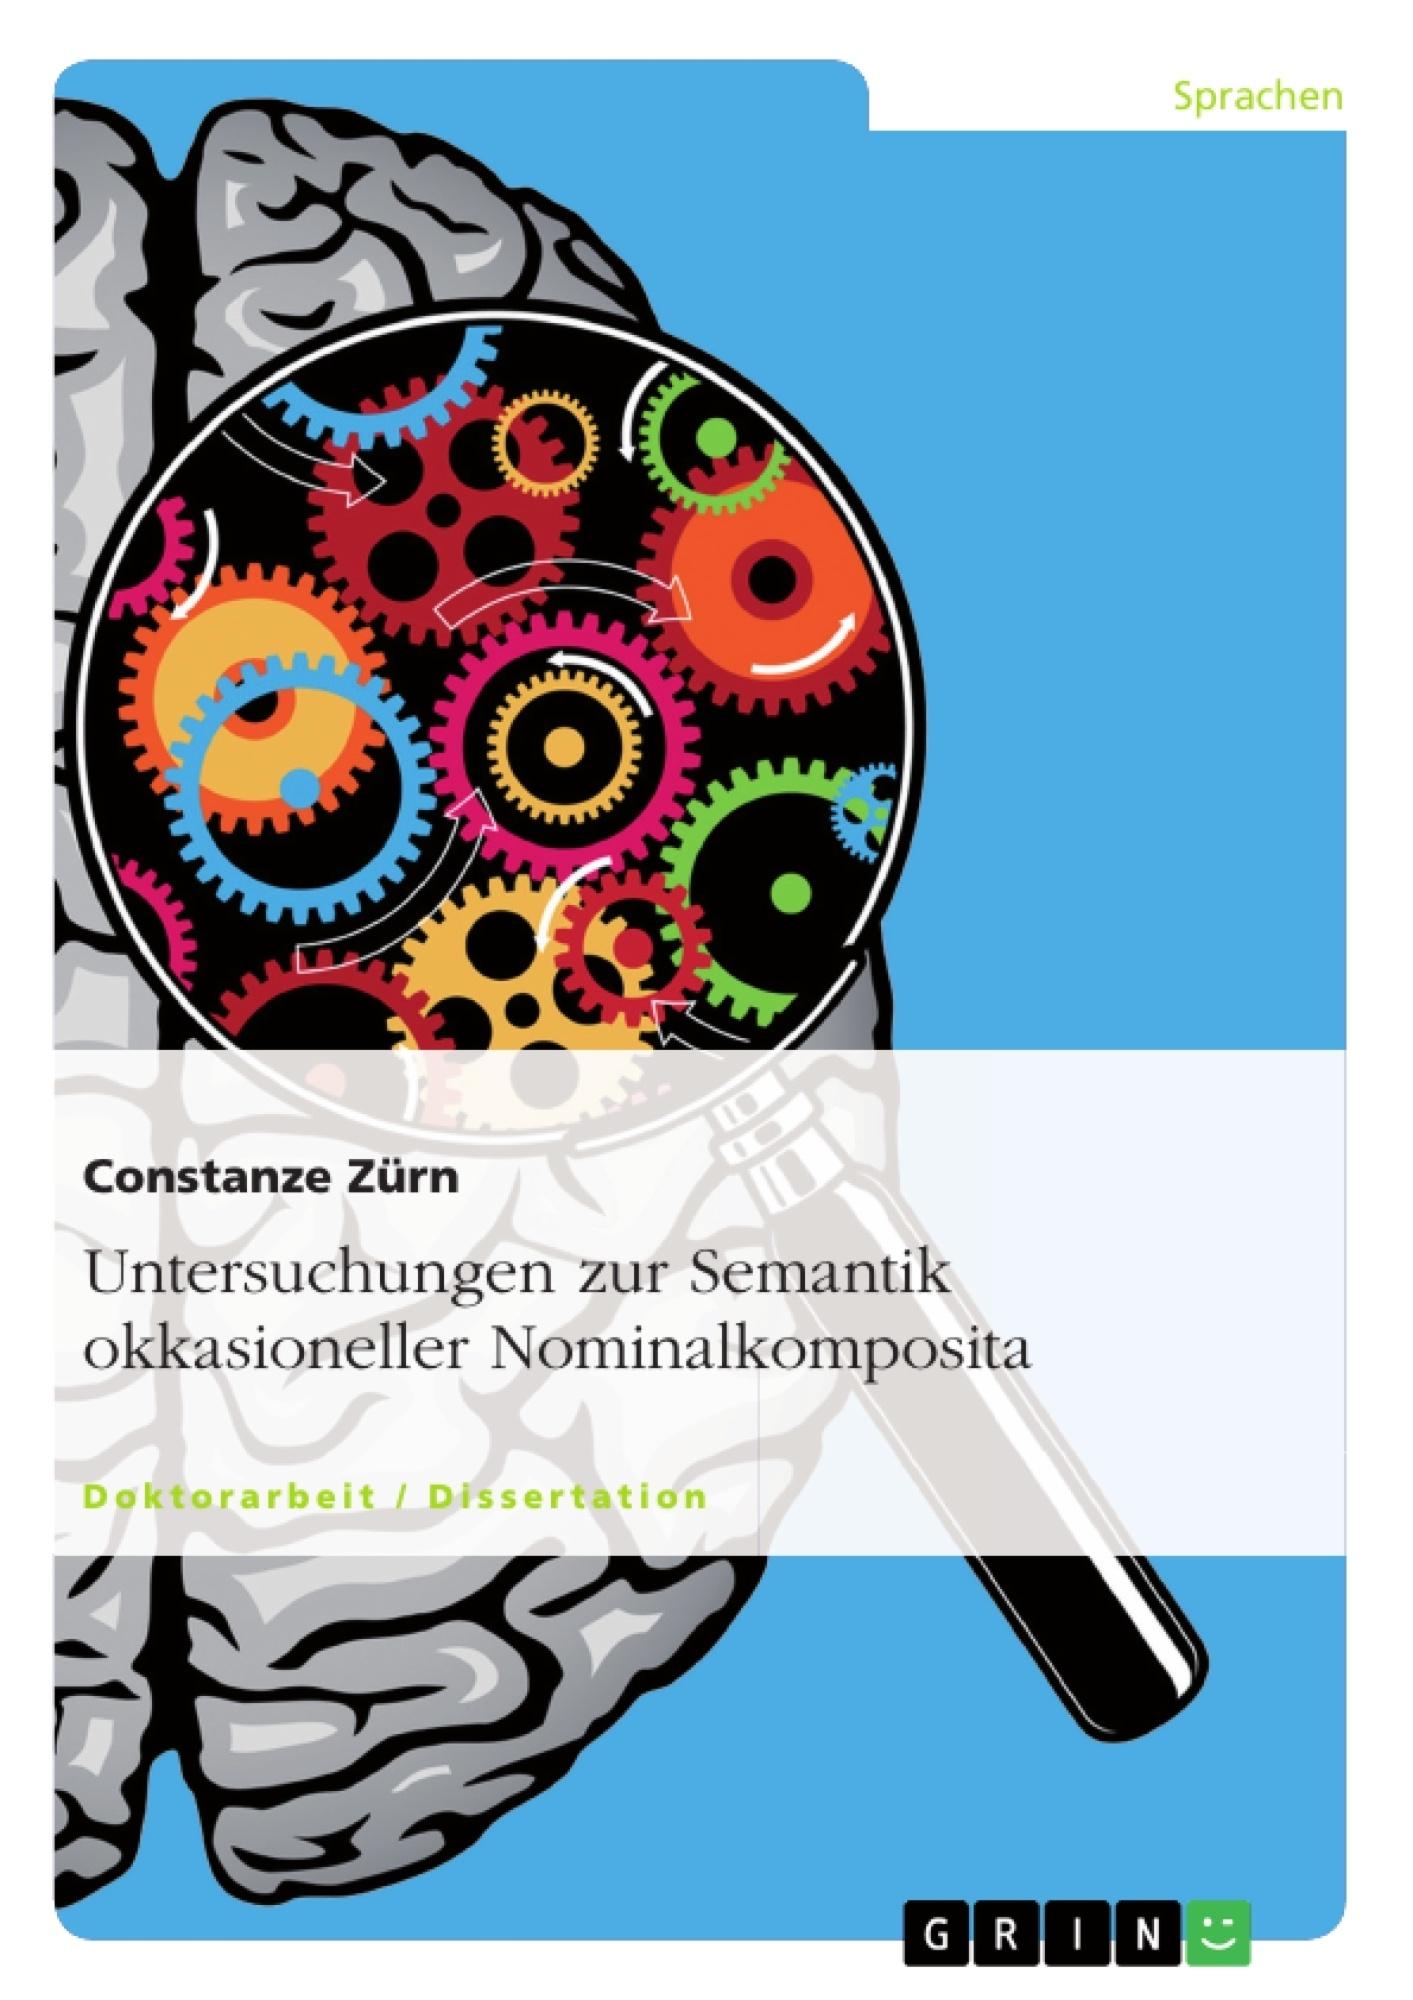 Titel: Untersuchungen zur Semantik okkasioneller Nominalkomposita